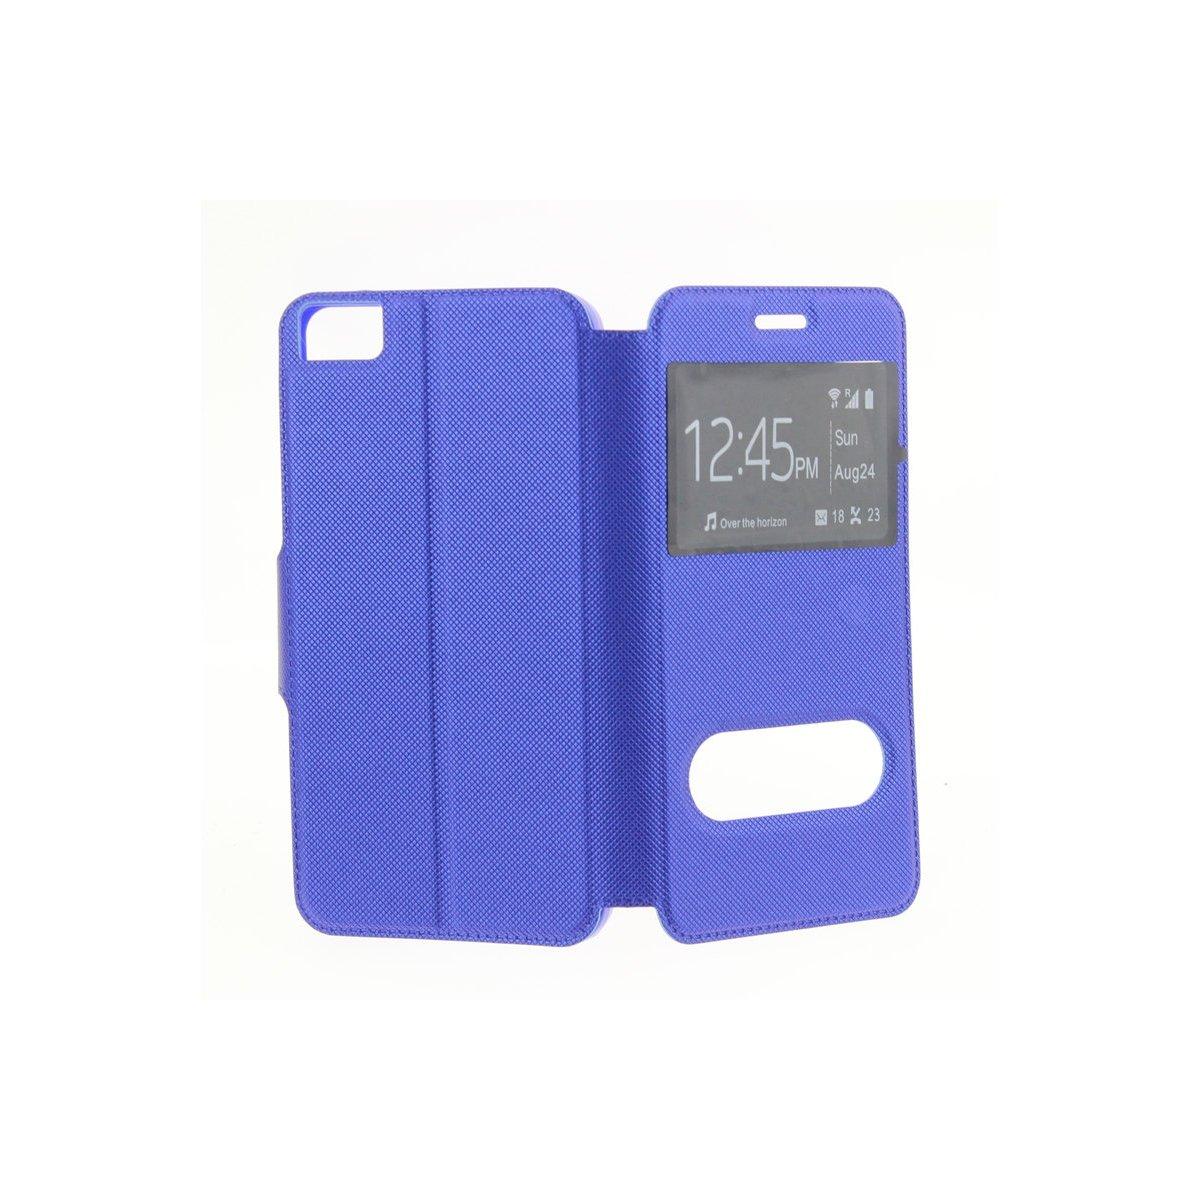 MISEMIYA - Funda para BQ Aquaris E5s / E5 4G LTE/FNAC PHABLET 2 5 4G - Funda + Protector Cristal Templado, Libro Cruzada con Soporte,Azul